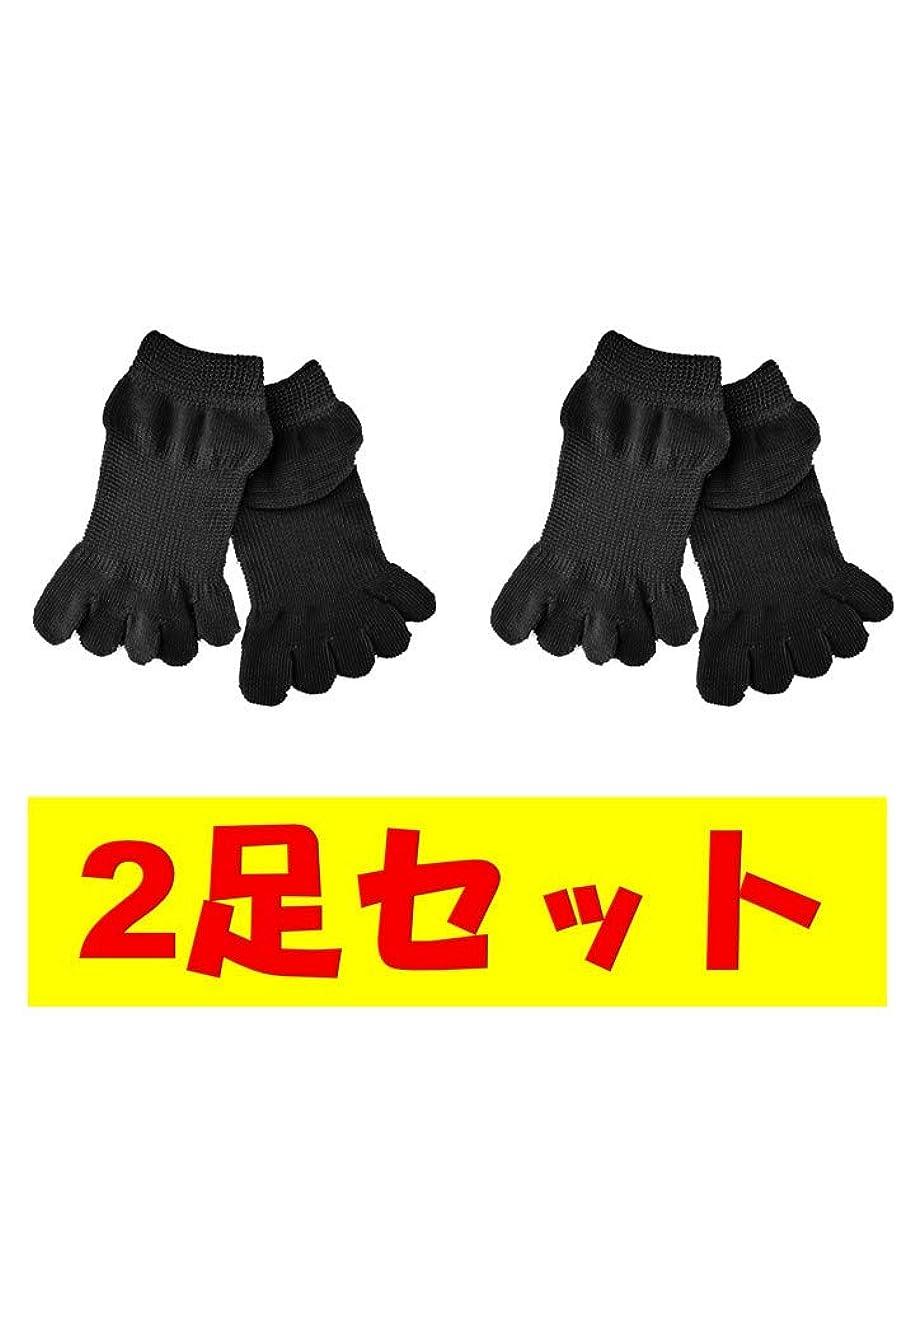 危険を冒しますラジカルバンドお買い得2足セット 5本指 ゆびのばソックス ゆびのば アンクル ブラック iサイズ 23.5cm-25.5cm YSANKL-BLK